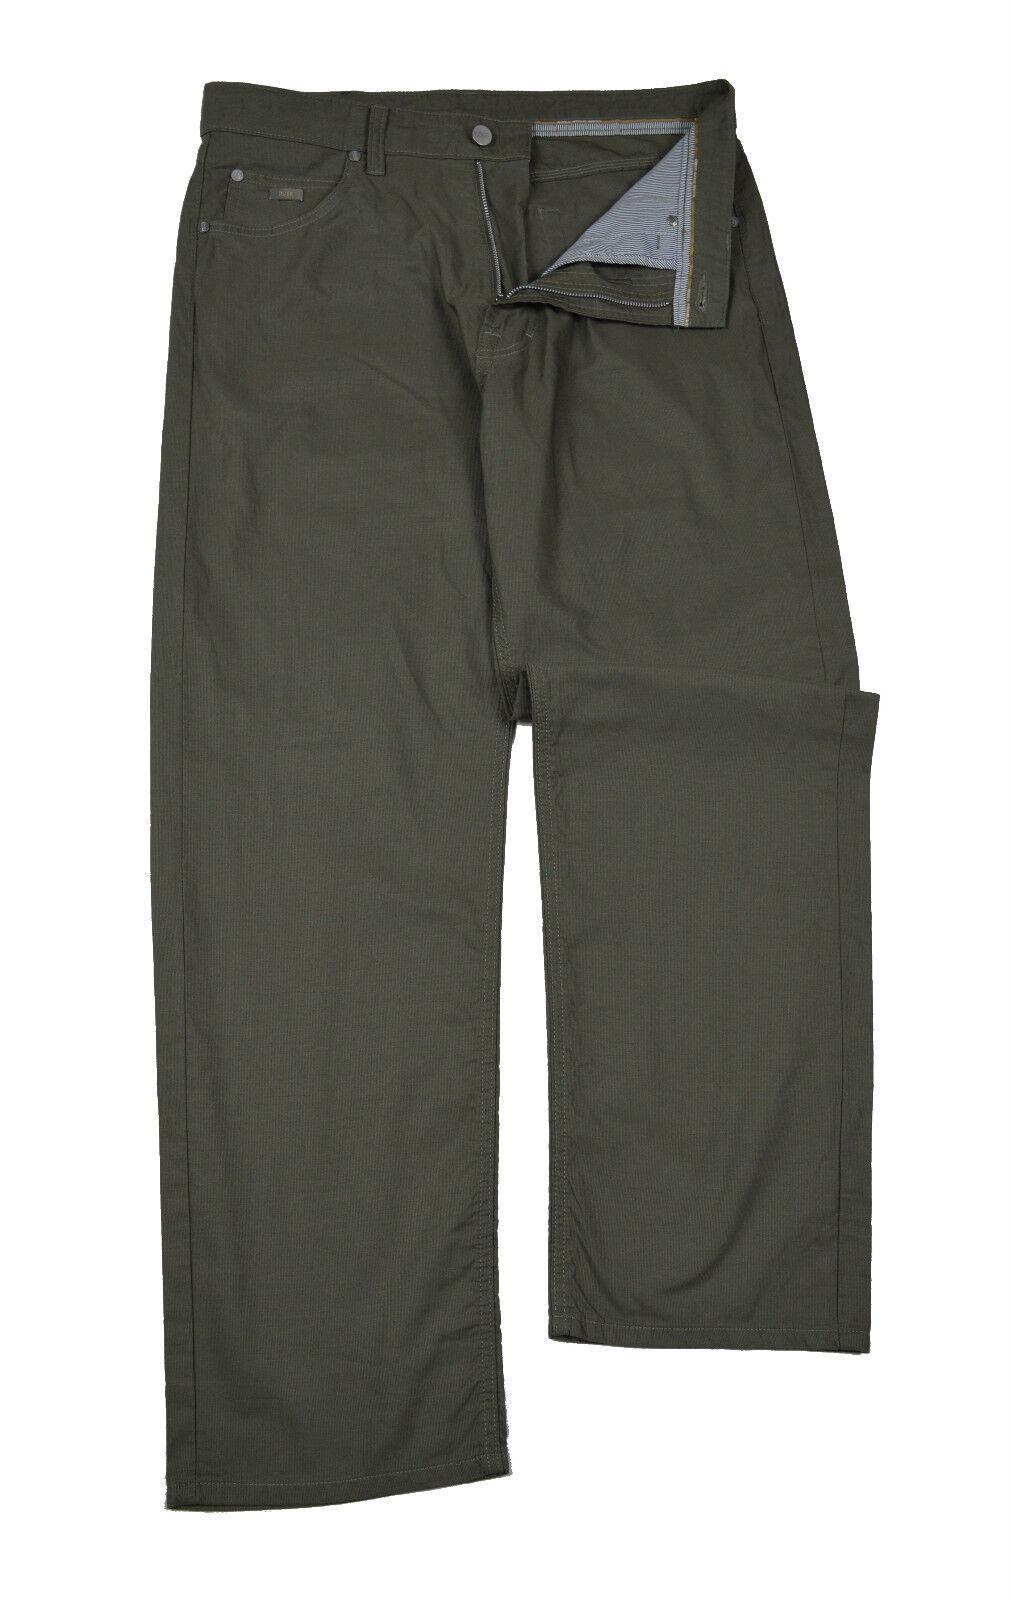 HUGO BOSS Alabama Relaxed Fit Jeans Men's Size Waist 32 Leg 30